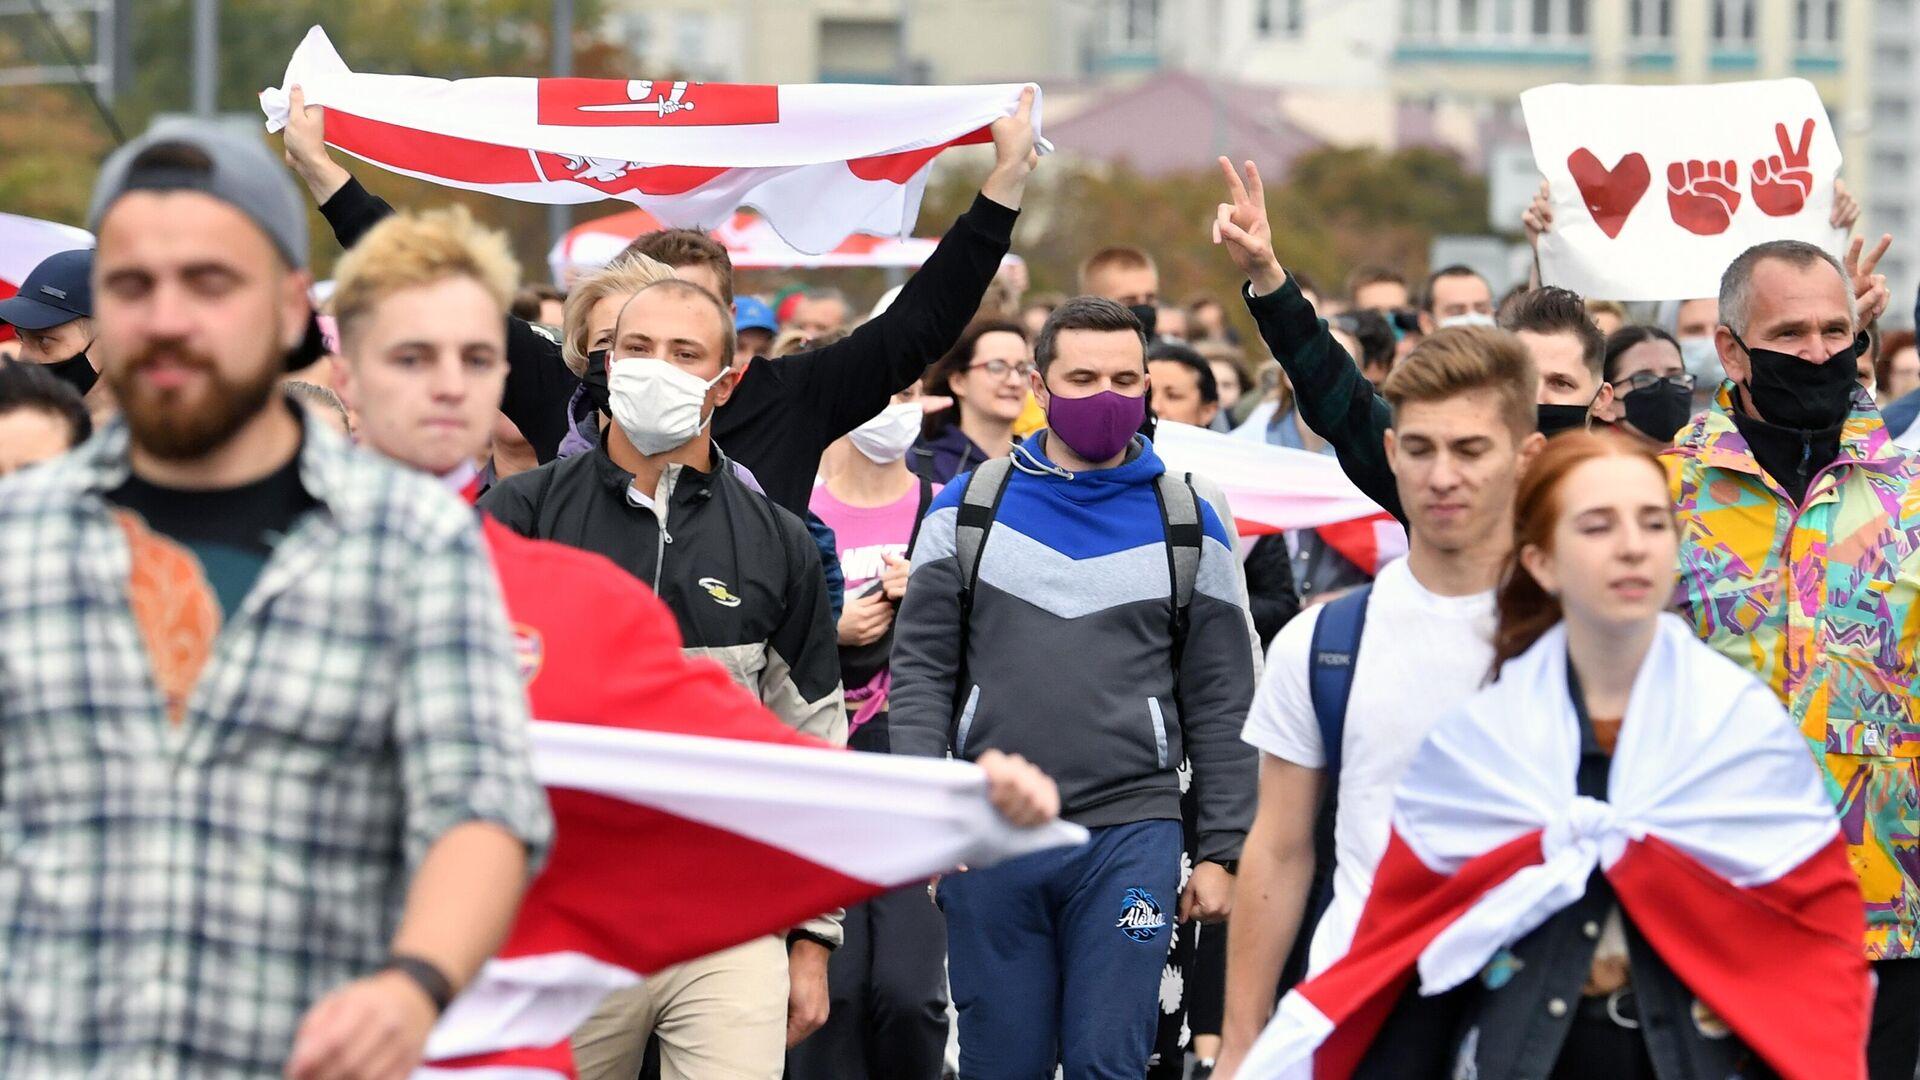 Участники несанкционированной акции протеста оппозиции в Минске - РИА Новости, 1920, 27.09.2020